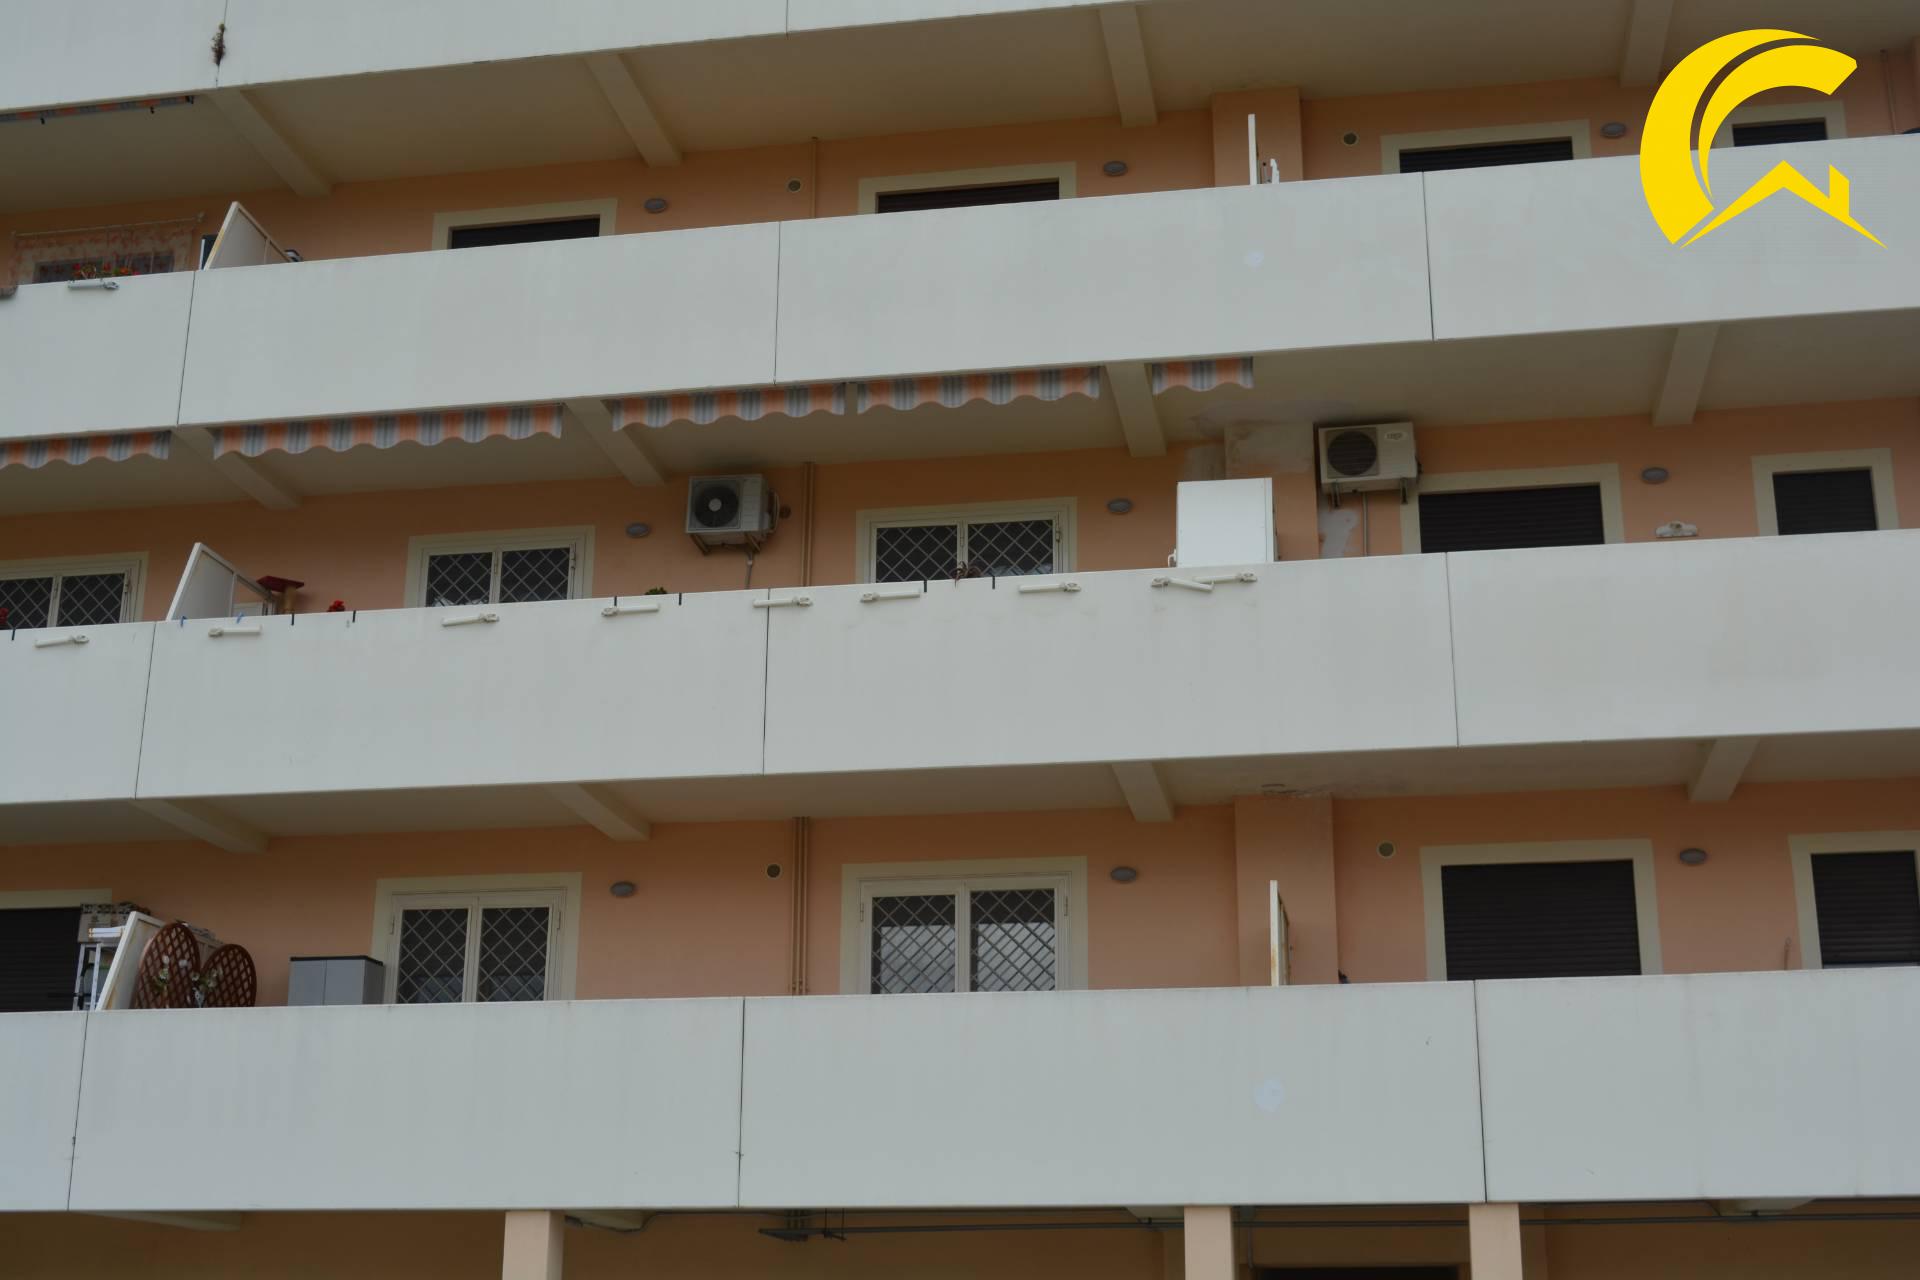 Appartamento in vendita Carroceto - Zona Polo scolastico-Via Stefano Vanzina Aprilia